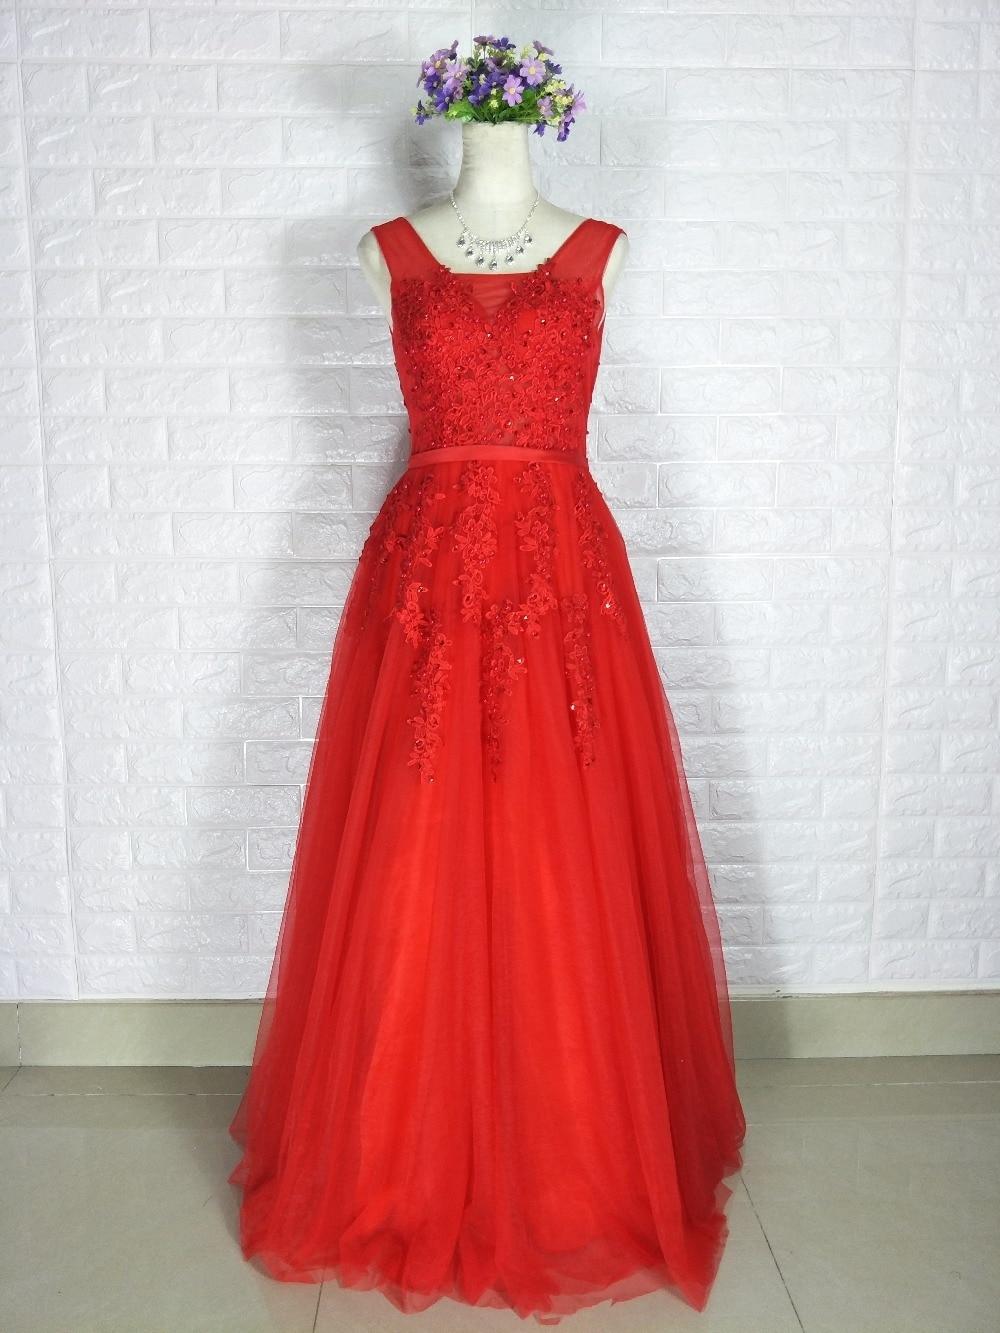 Халат де соаре горещо вино червено сребристо розово дантела гривна секси дълги назад вечер рокля булката парти елегантен етаж рокля рокля